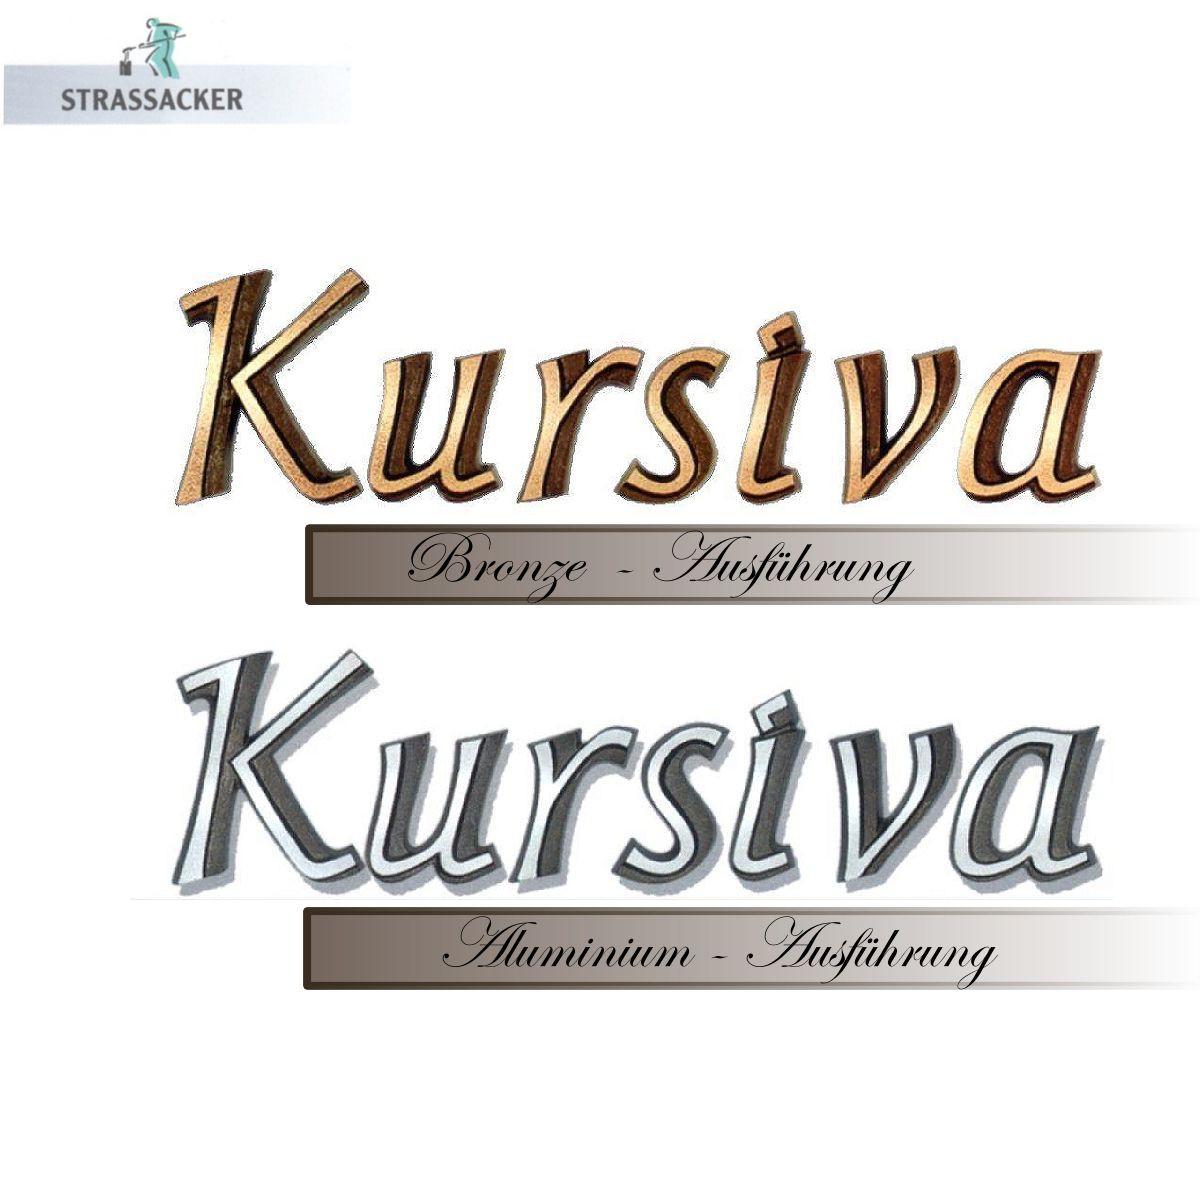 Bronzebuchstaben Und Aluminiumbuchstaben Für Grabsteine Typ Kursiva